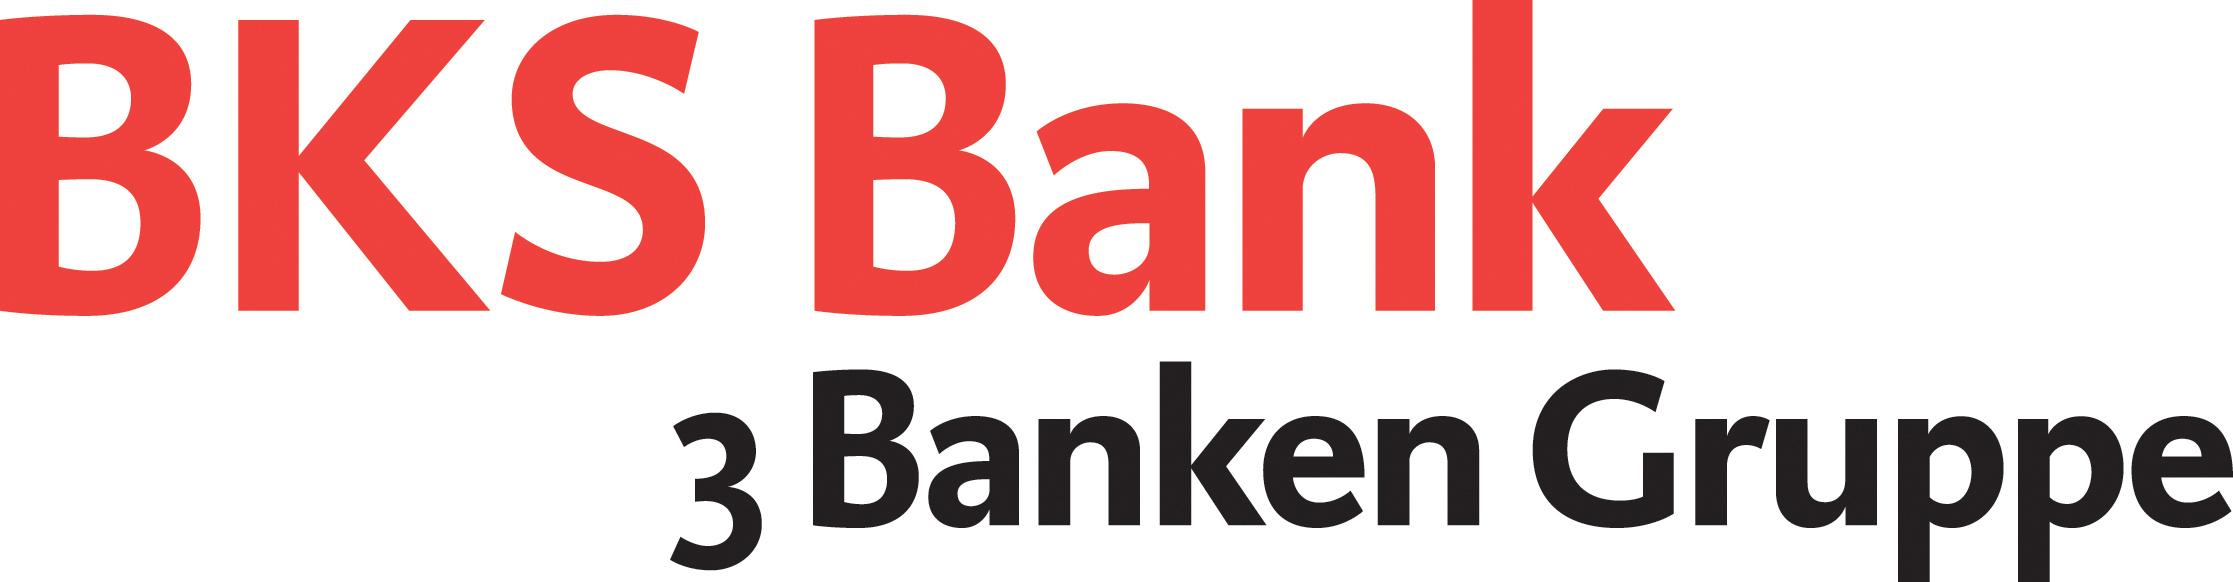 BKS Bank